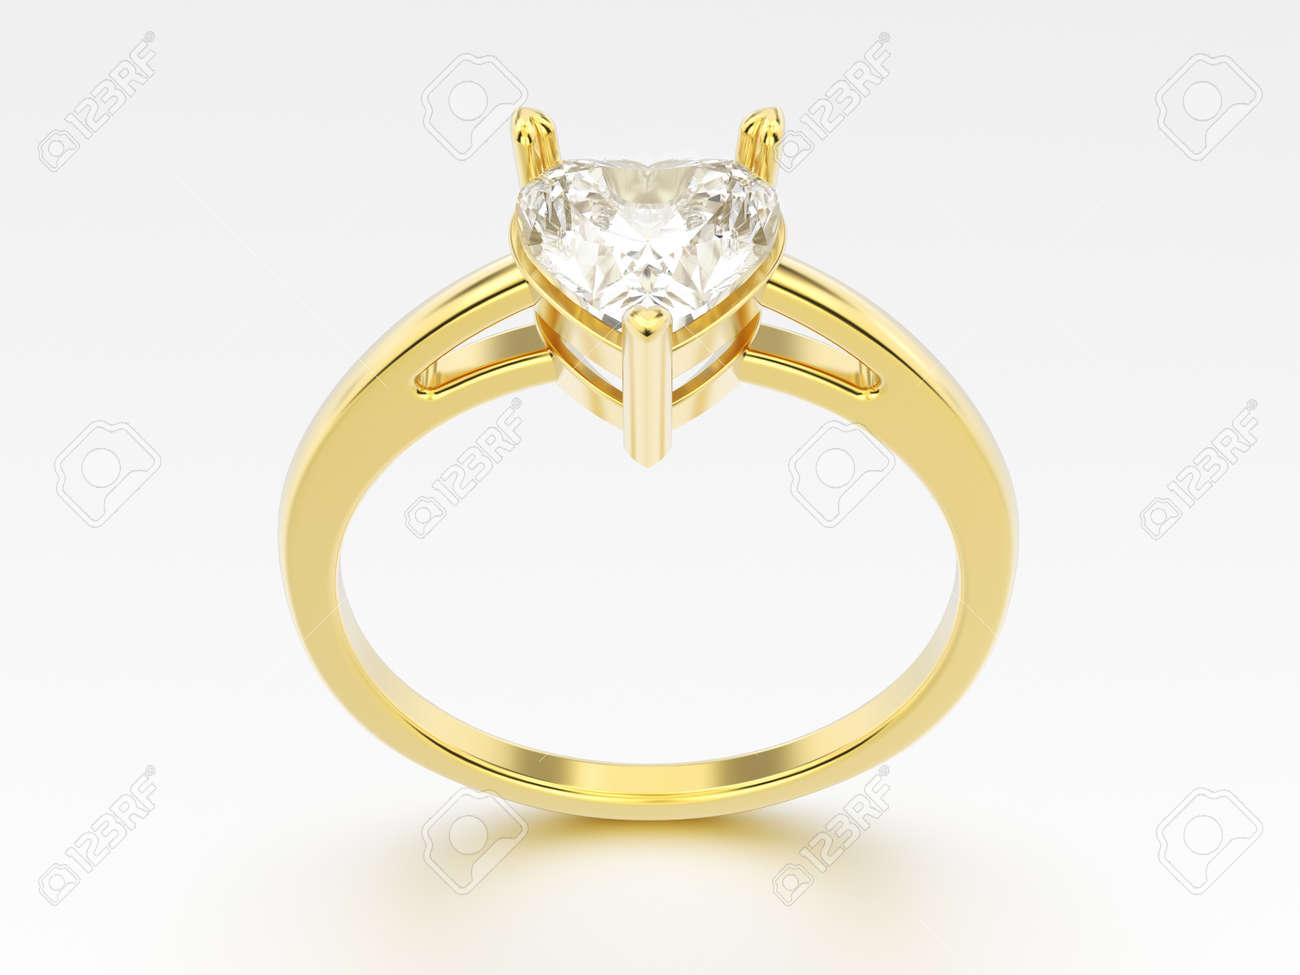 bague en or avec un coeur